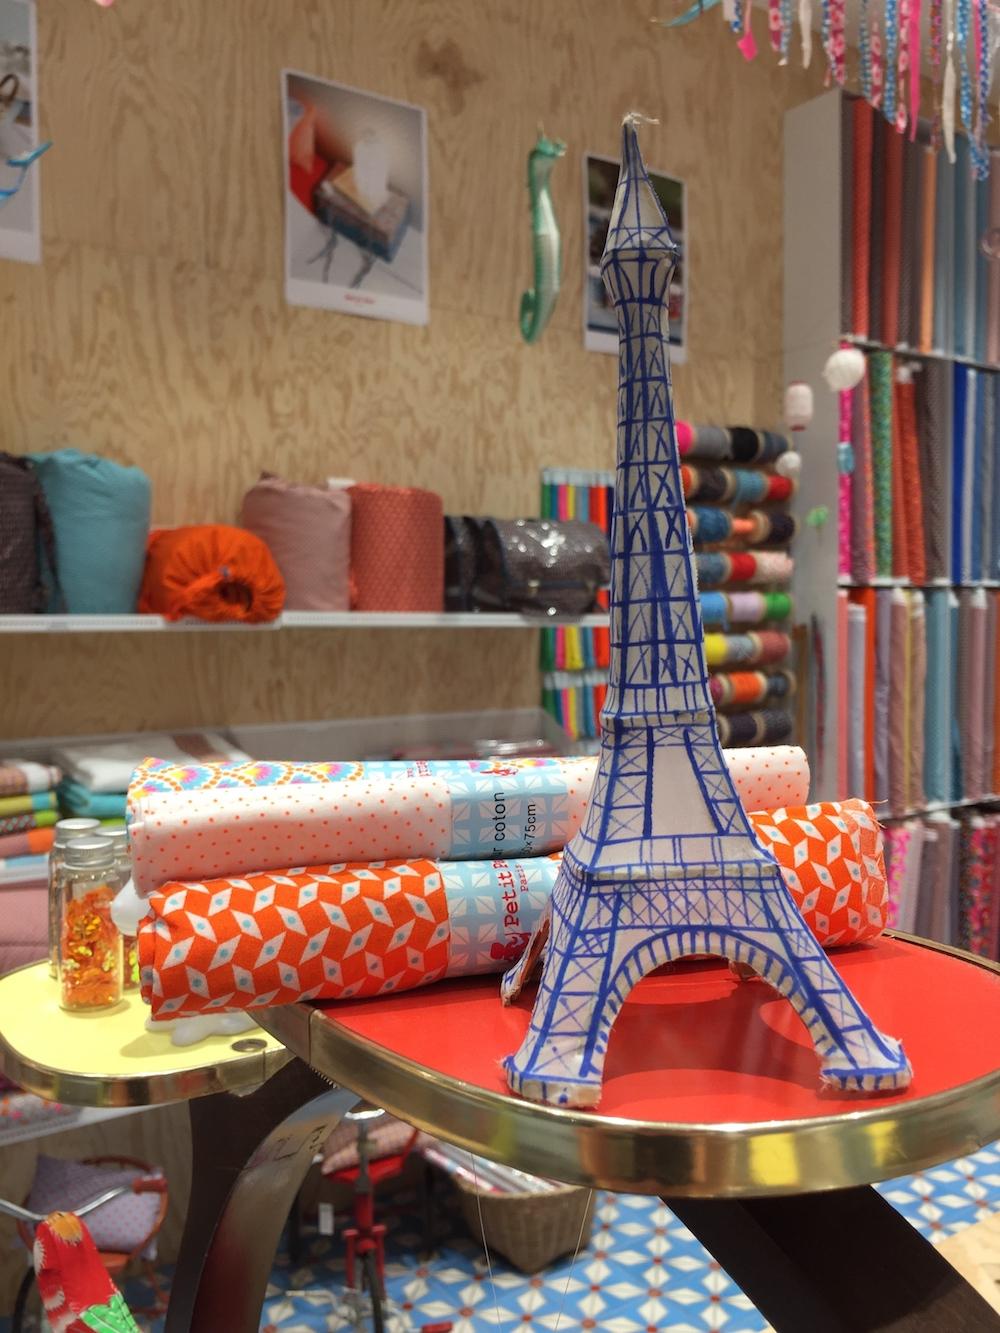 Paris'te Çocukla Nereleri Gezmeli? | Özge Lokmanhekim concernant Super U Table De Jardin